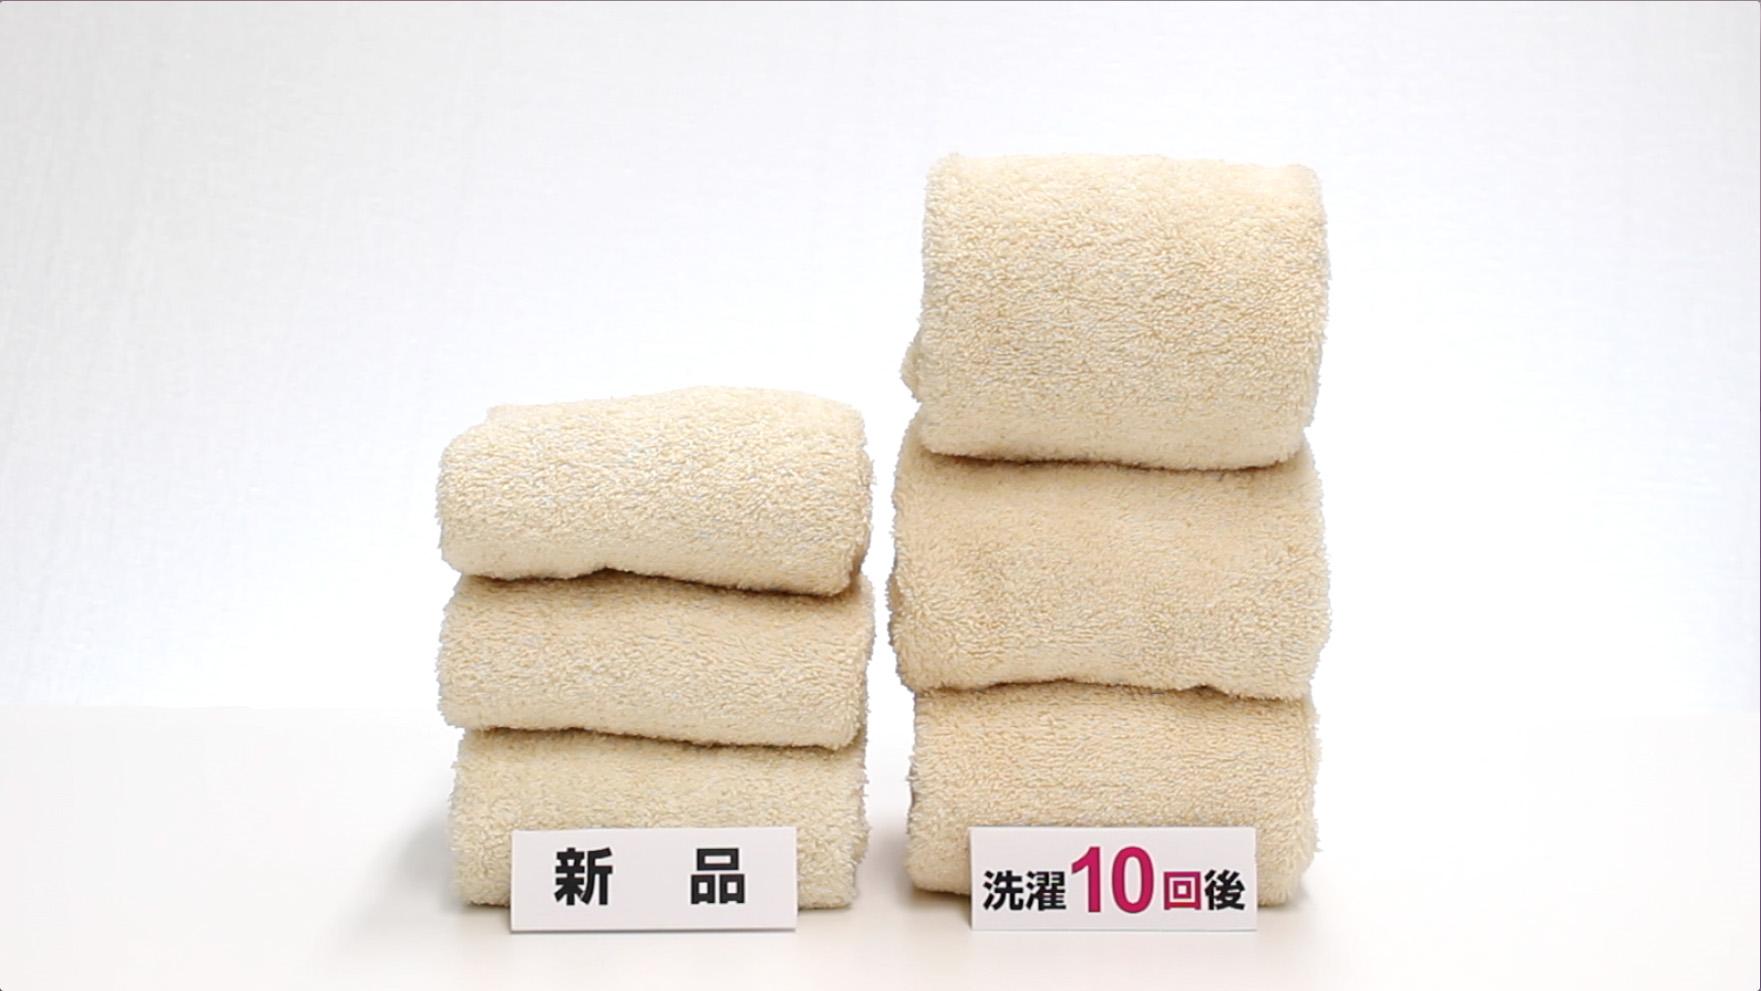 THE LAST TOWEL ザラストタオル 10回洗濯イメージ